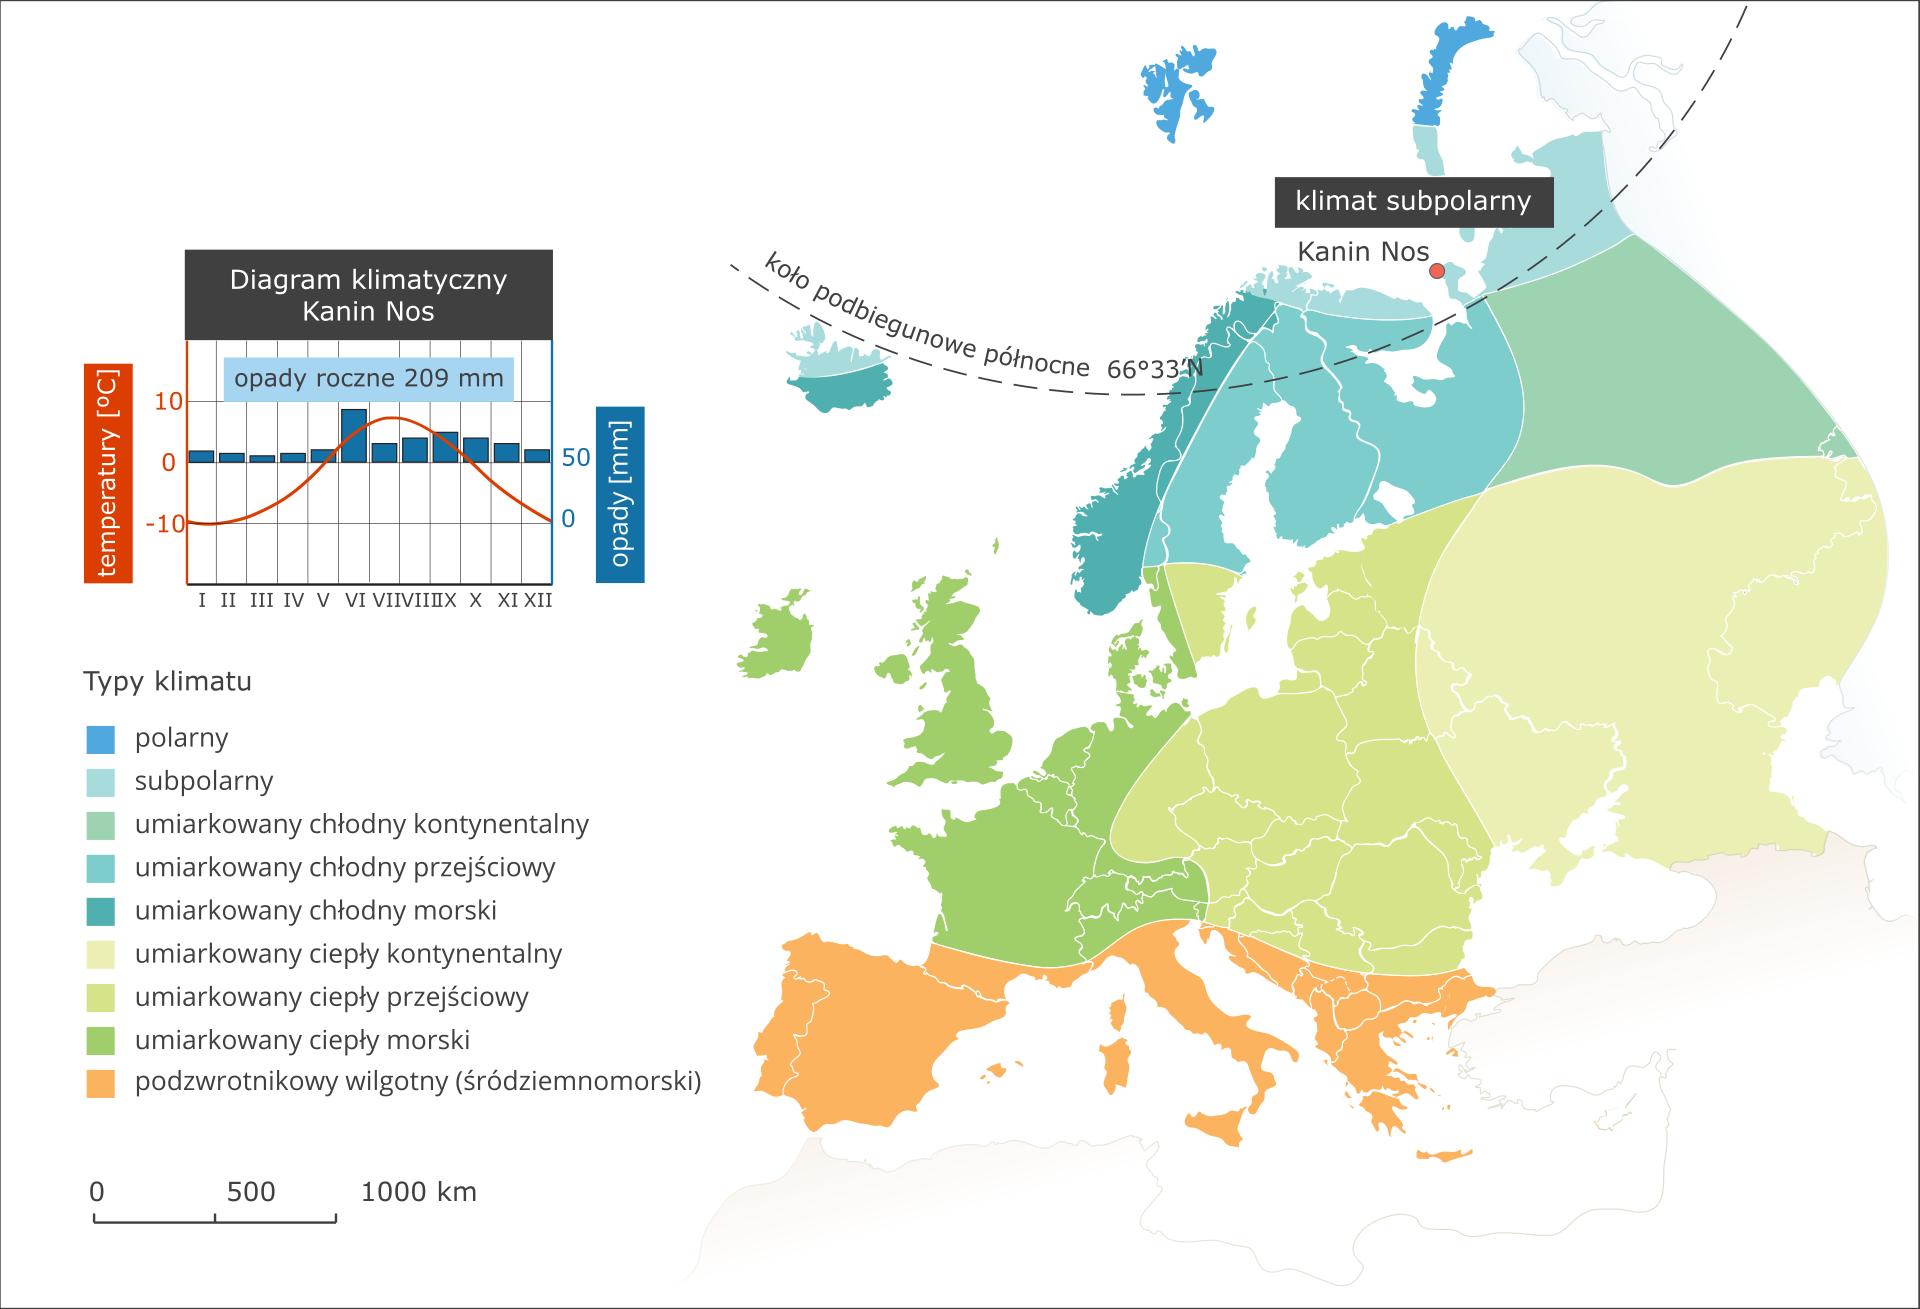 Ilustracja przedstawia mapę typów klimatu wEuropie. Kolorami oznaczono typy klimatu, układają się one pasami oprzebiegu równoleżnikowym. Na północy kontynentu klimat polarny isubpolarny (opisano ten klimat), dalej na południe umiarkowany chłodny (odmiana kontynentalna, przejściowa imorska). Kolejnym pasem jest klimat umiarkowany ciepły (ponownie wtrzech odmianach wzależności od odległości od wybrzeży). Na południu Europy (Półwyspy Iberyjski, Apeniński iBałkański) klimat podzwrotnikowy wilgotny (śródziemnomorski). Wlegendzie umieszczono iopisano kolory użyte na mapie. Obok mapy diagram klimatyczny dla miasta Kanin Nos leżącego wklimacie subpolarnym – opady roczne dwieście milimetrów, większe latem. Latem średnia temperatura latem osiem stopni Celsjusza, zimą – minus dziesięć.